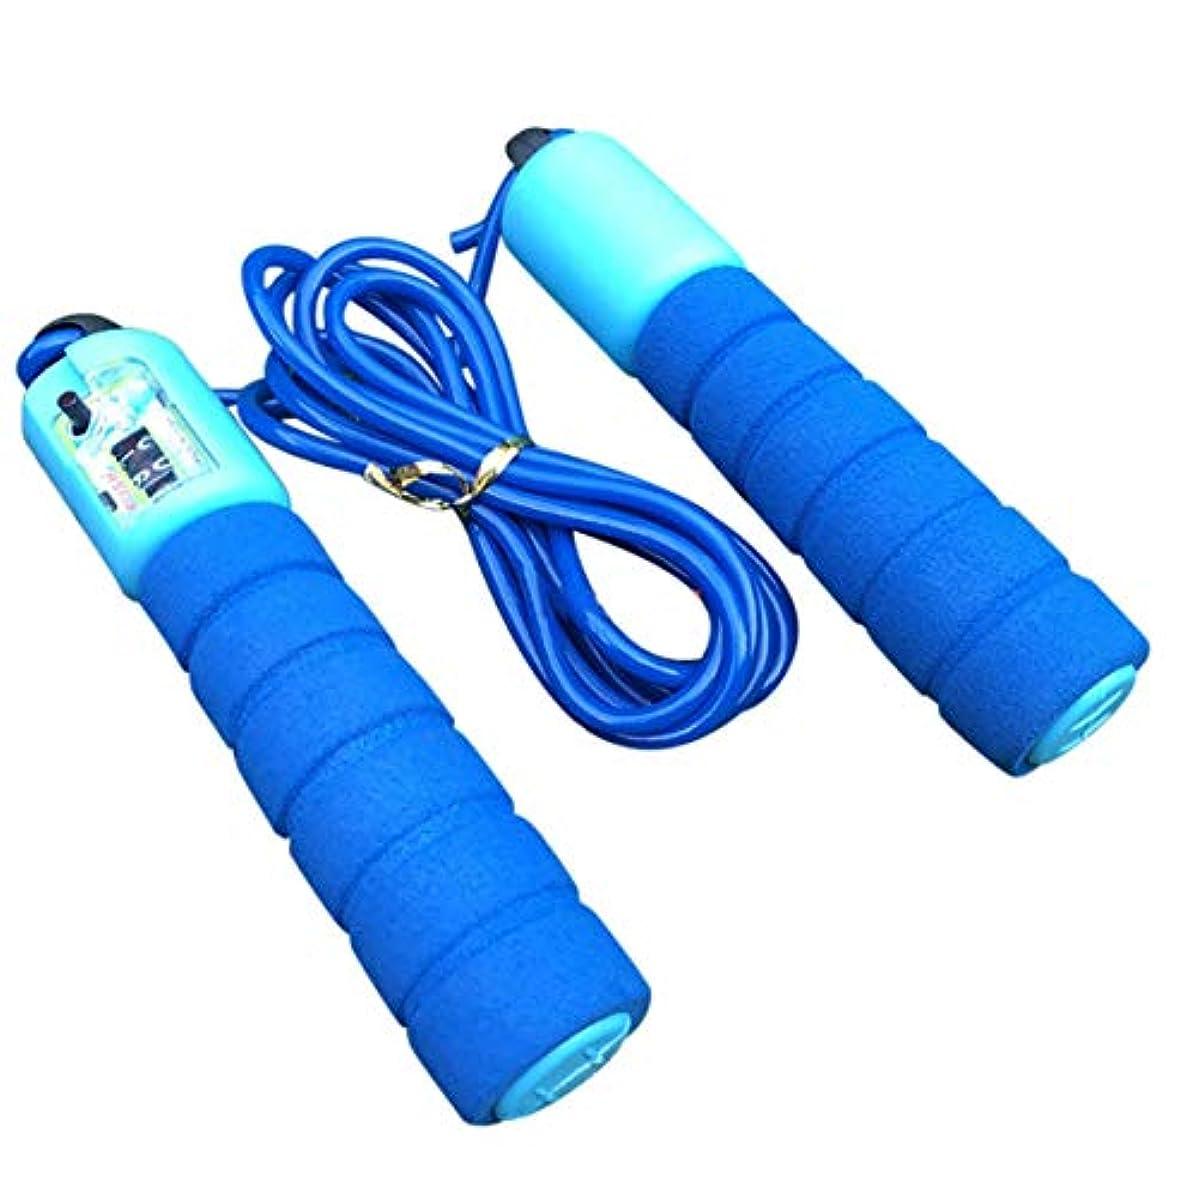 憤るタイプスイ調整可能なプロフェッショナルカウント縄跳び自動カウントジャンプロープフィットネス運動高速カウントジャンプロープ - 青